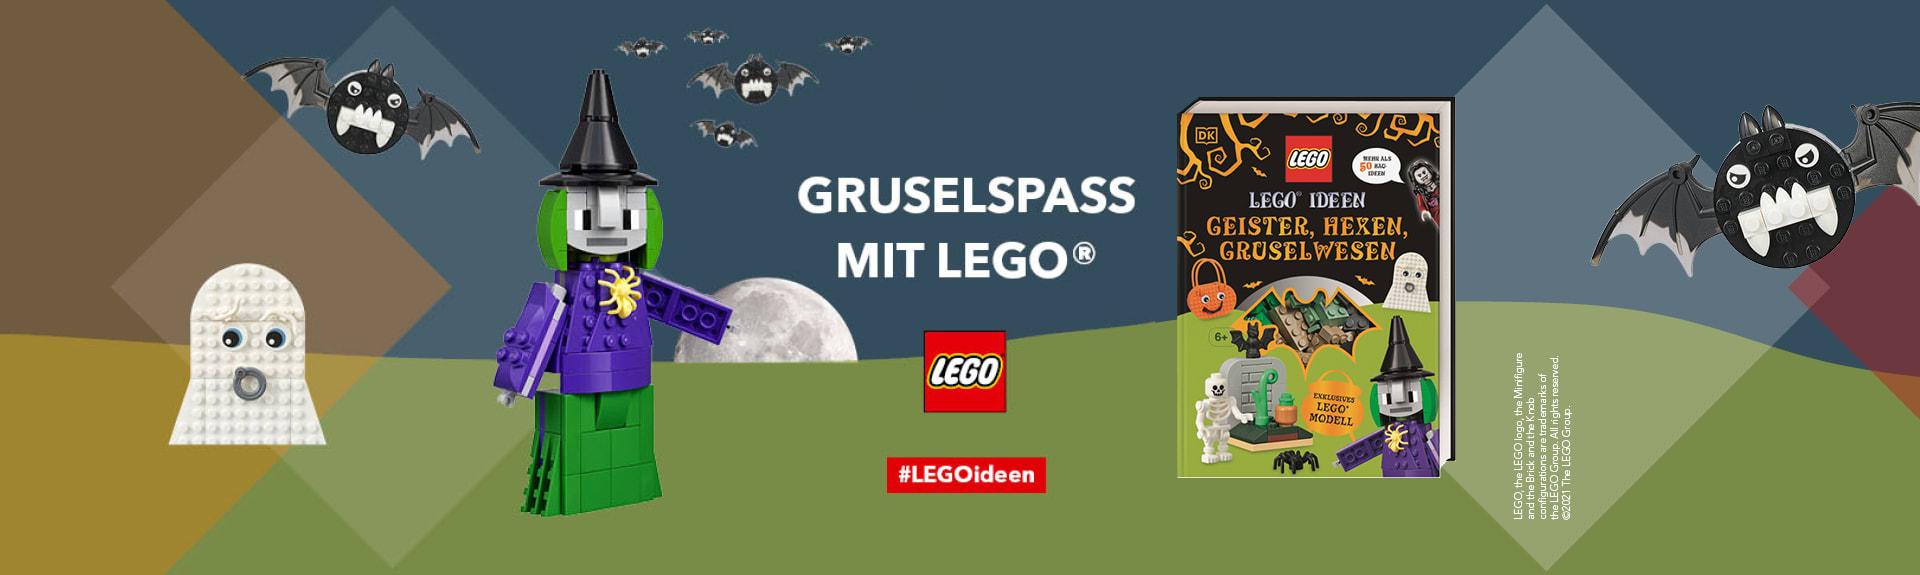 LEGO Ideen Geister, Hexen, Gruselwesen